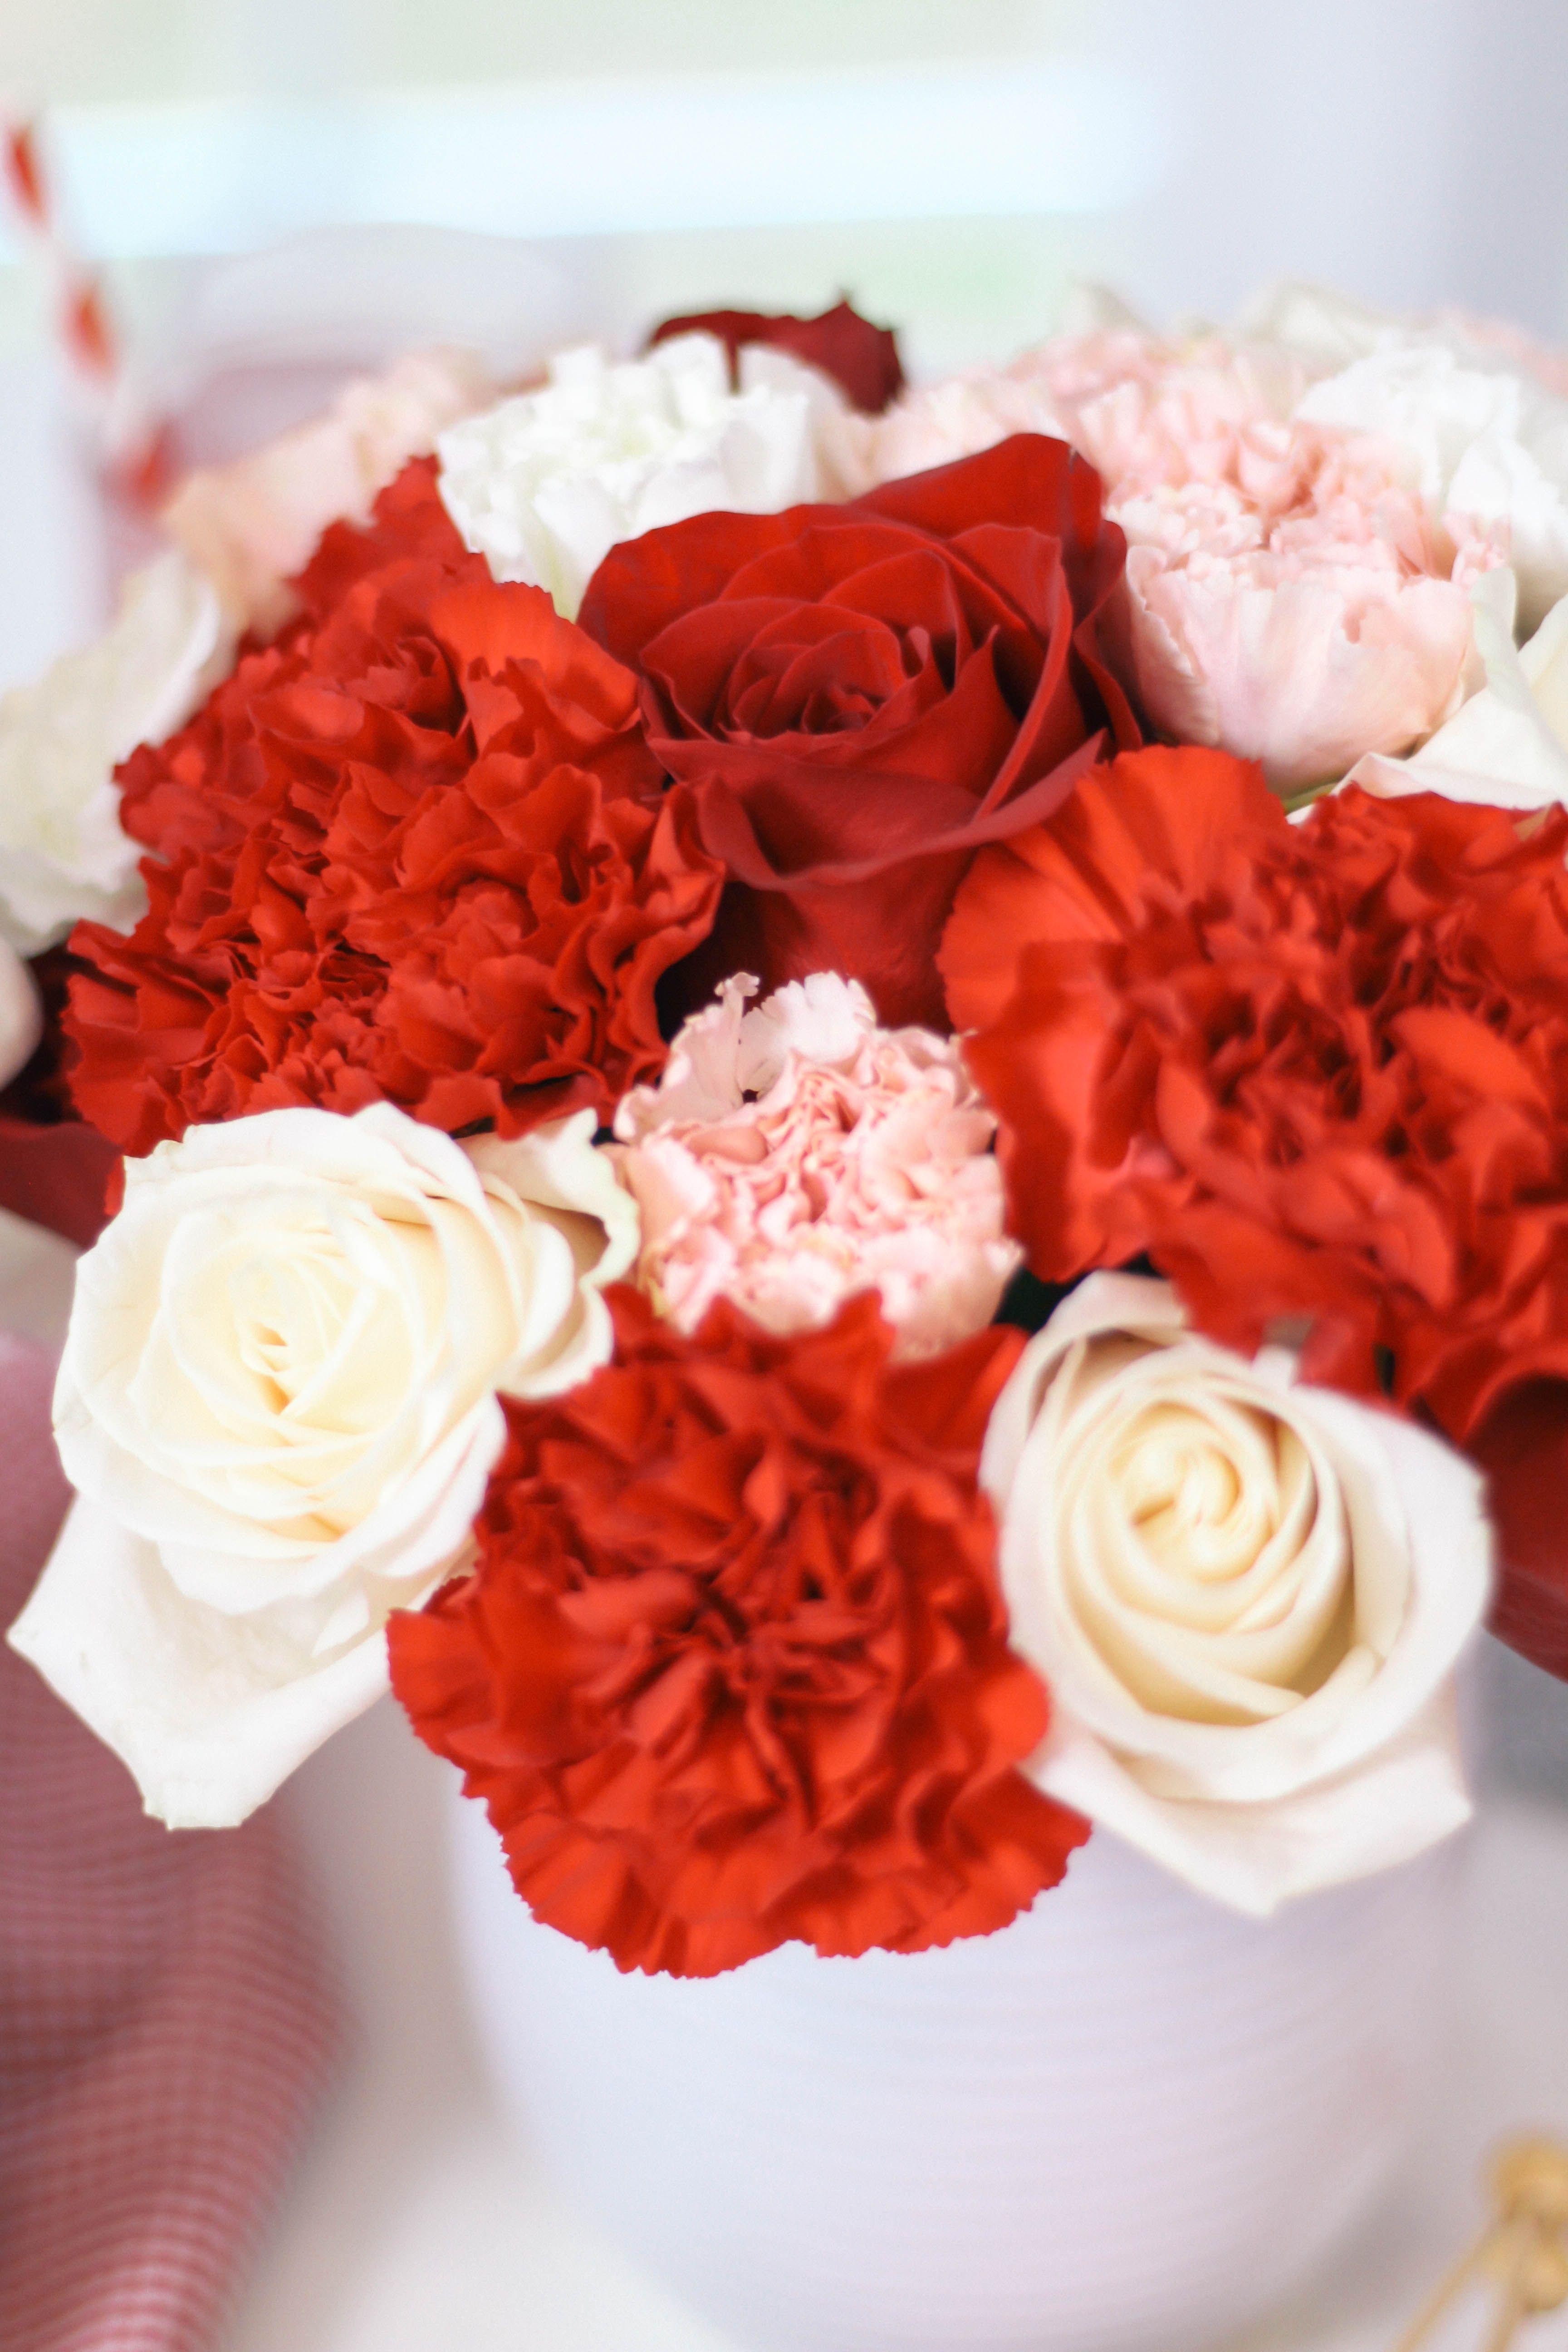 Red White Pink Rose Carnation Flower Bouquet Arrangement For Valentine S Day Centerpiece Valentinesday Valentines Carnation Flower Bouquet Arrangements